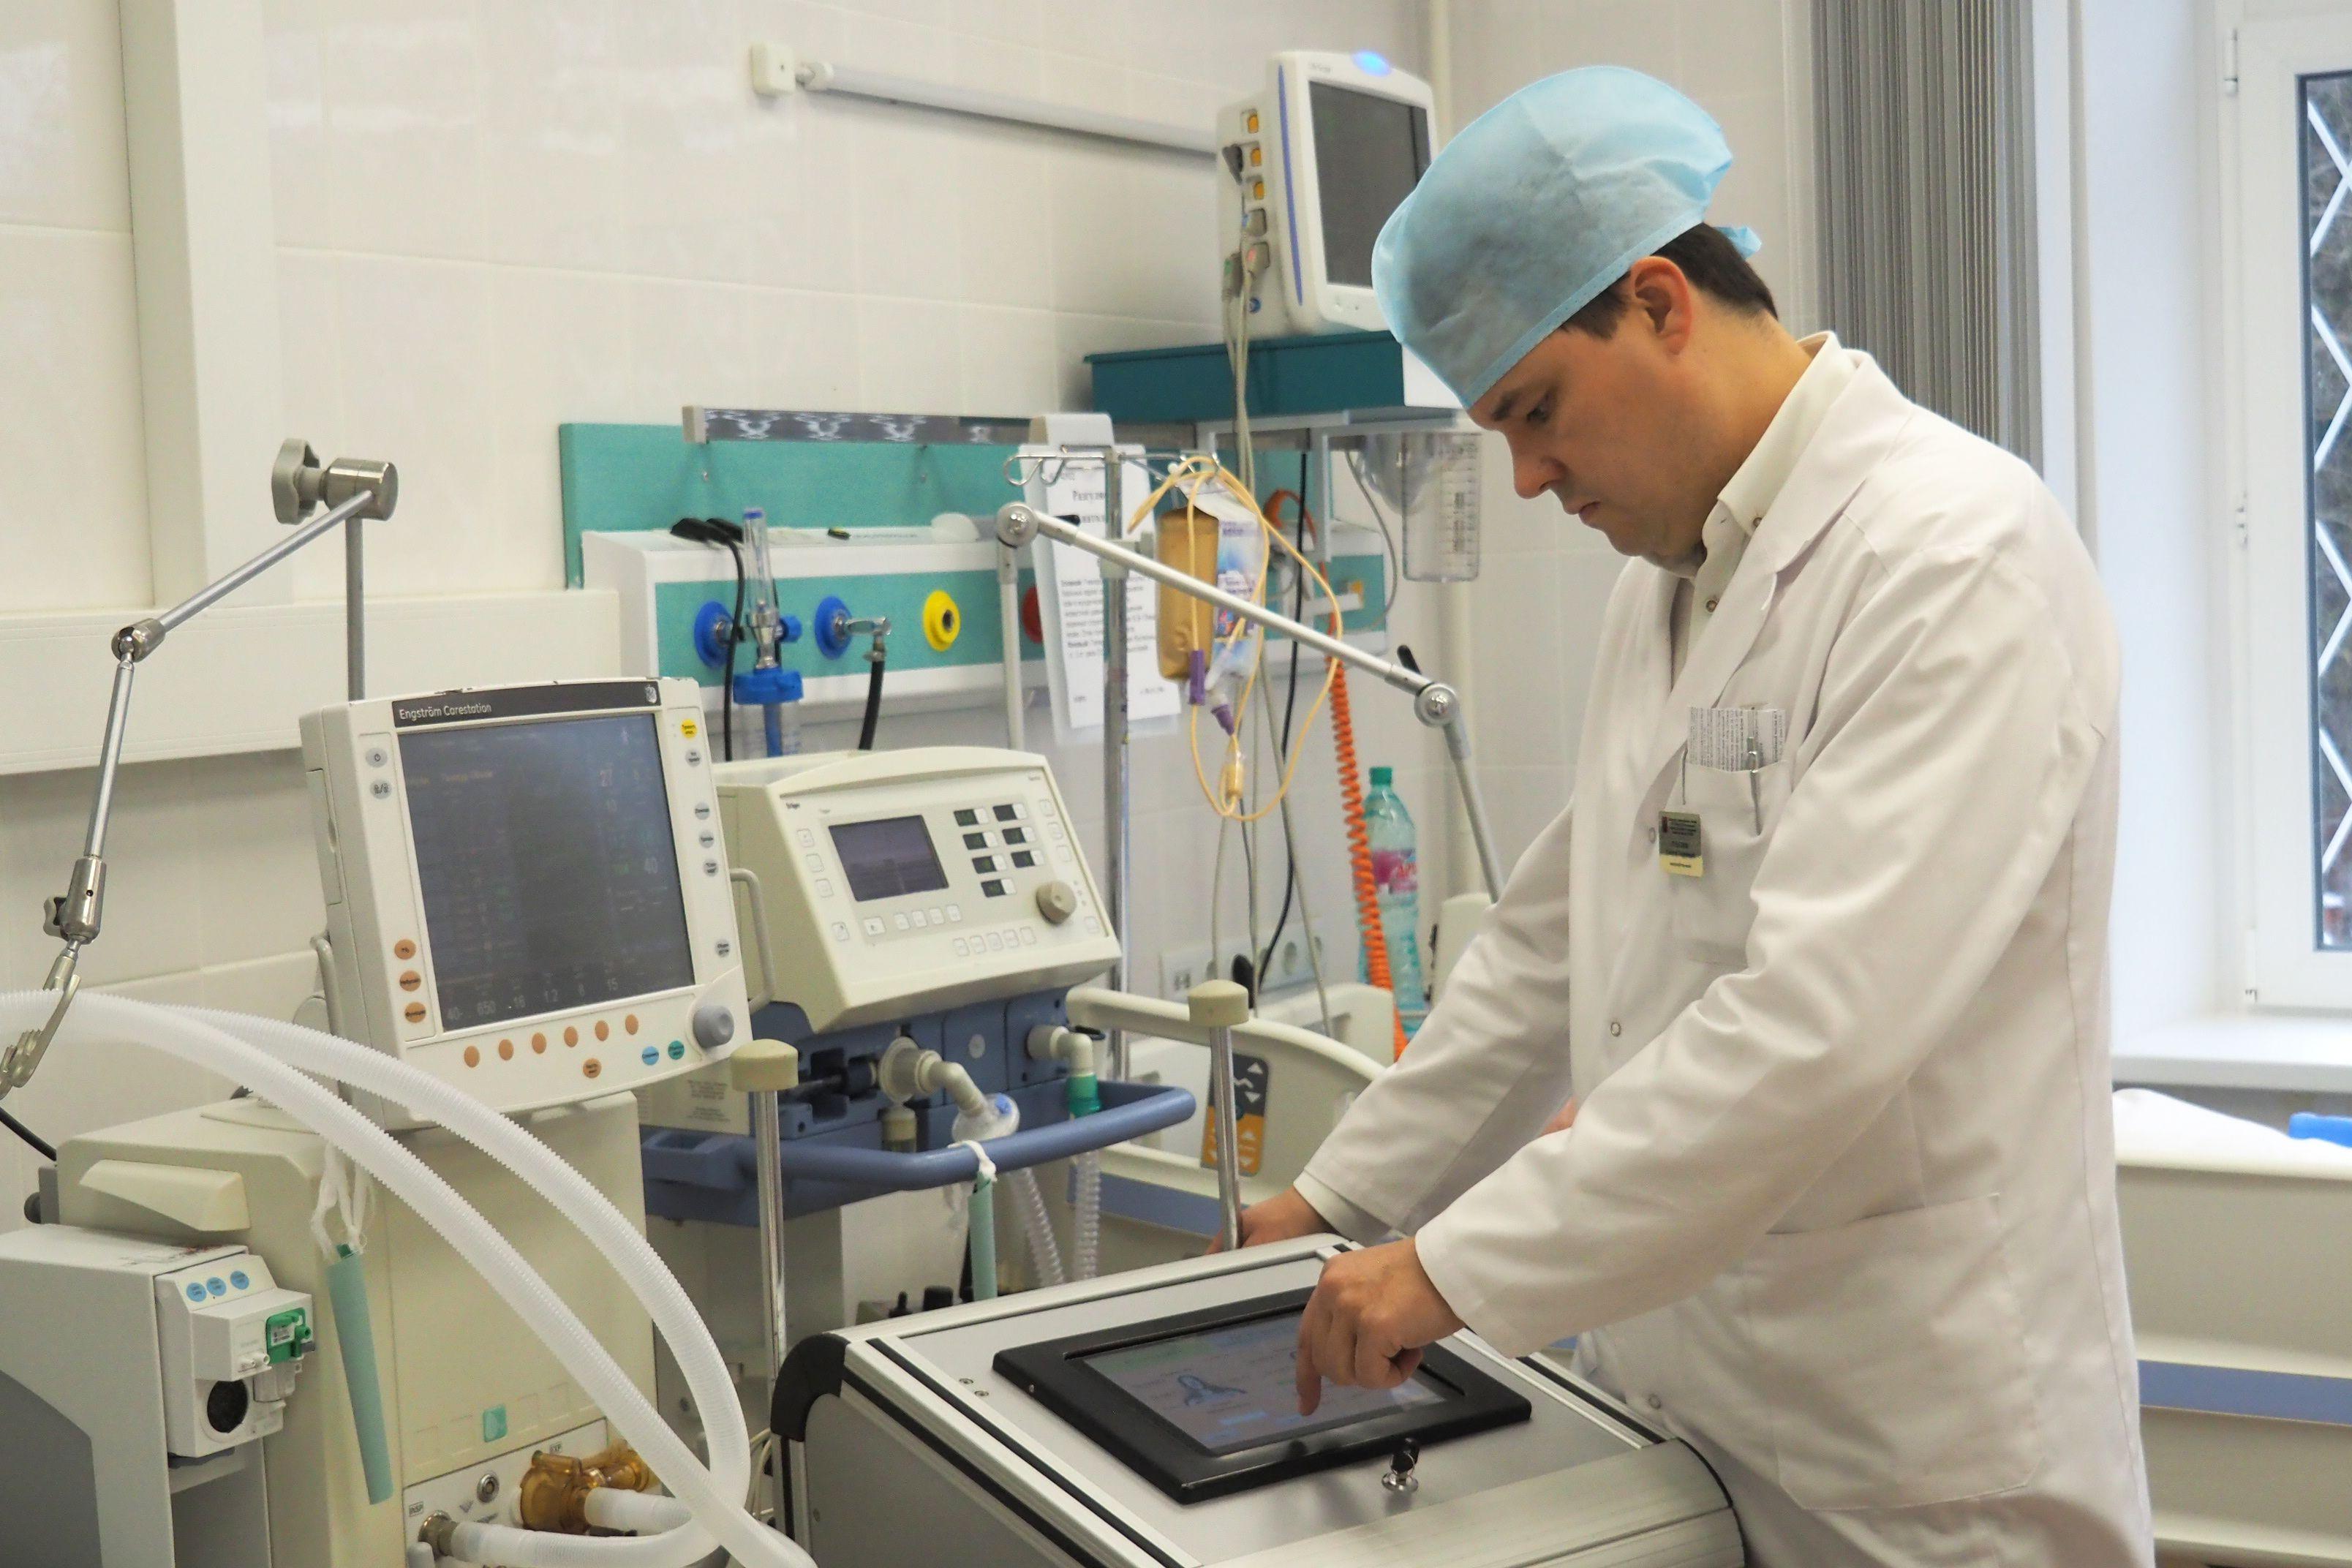 КСП подтвердила данные Депздрава о высокой обеспеченности Москвы врачами. Фото: архив